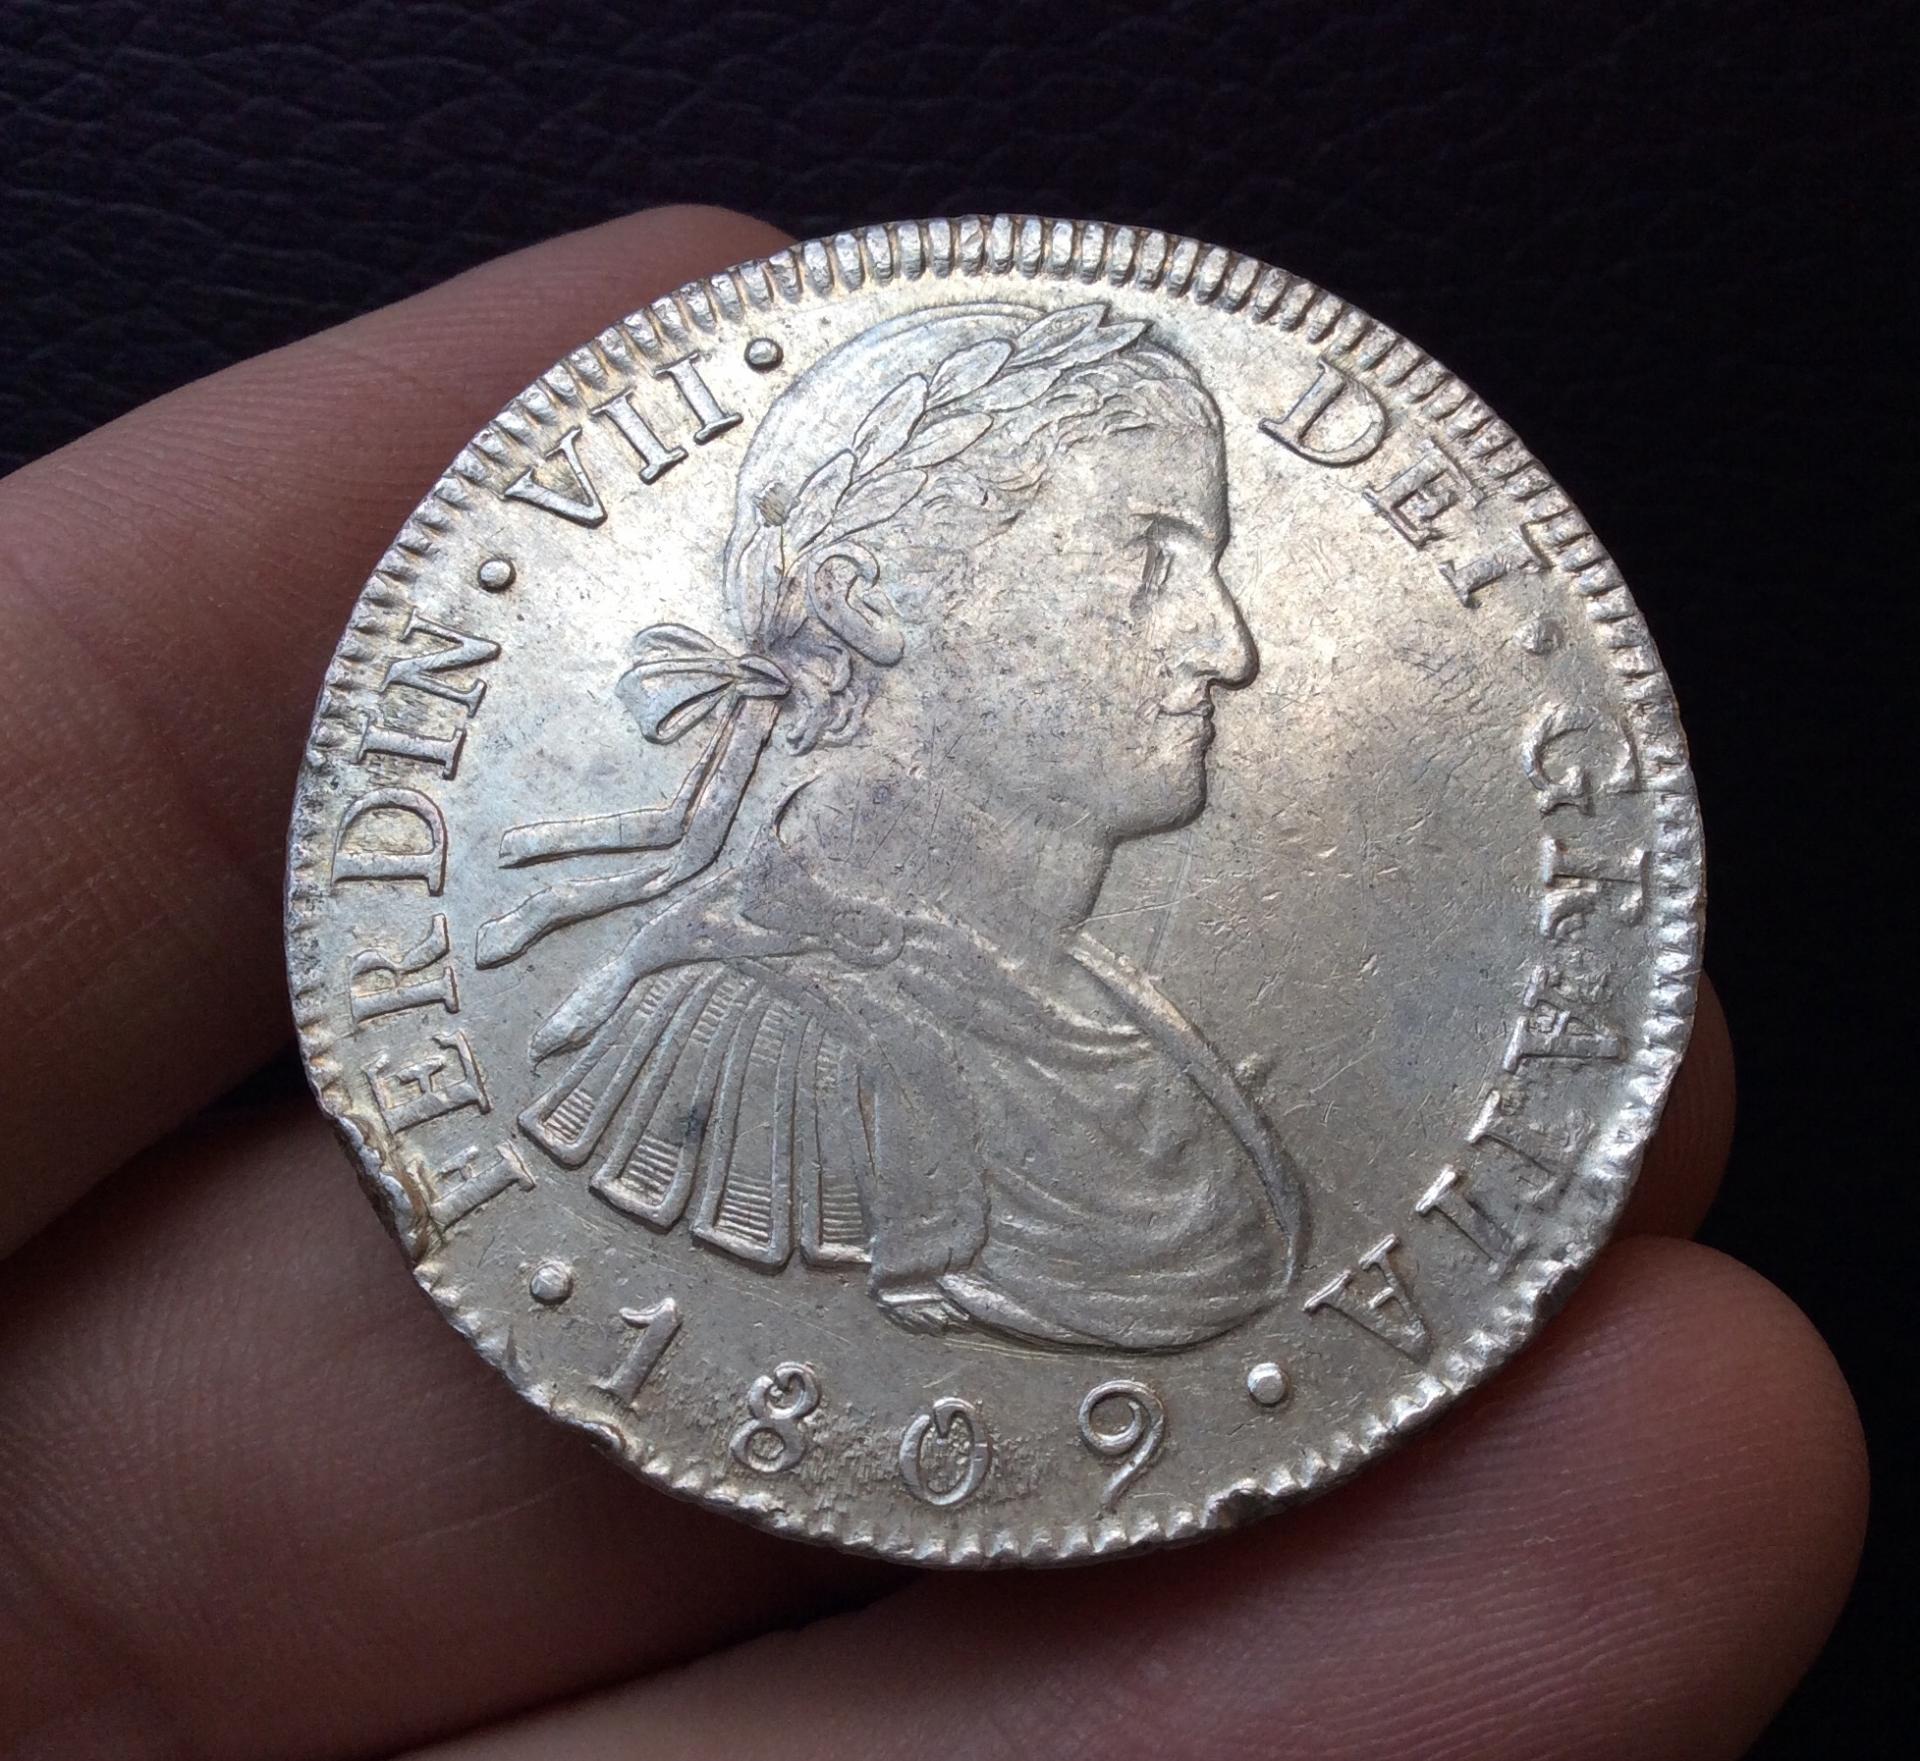 8 REALES 1809 - REY FERNANDO VII - BUSTO IMAGINARIO  - MÉXICO